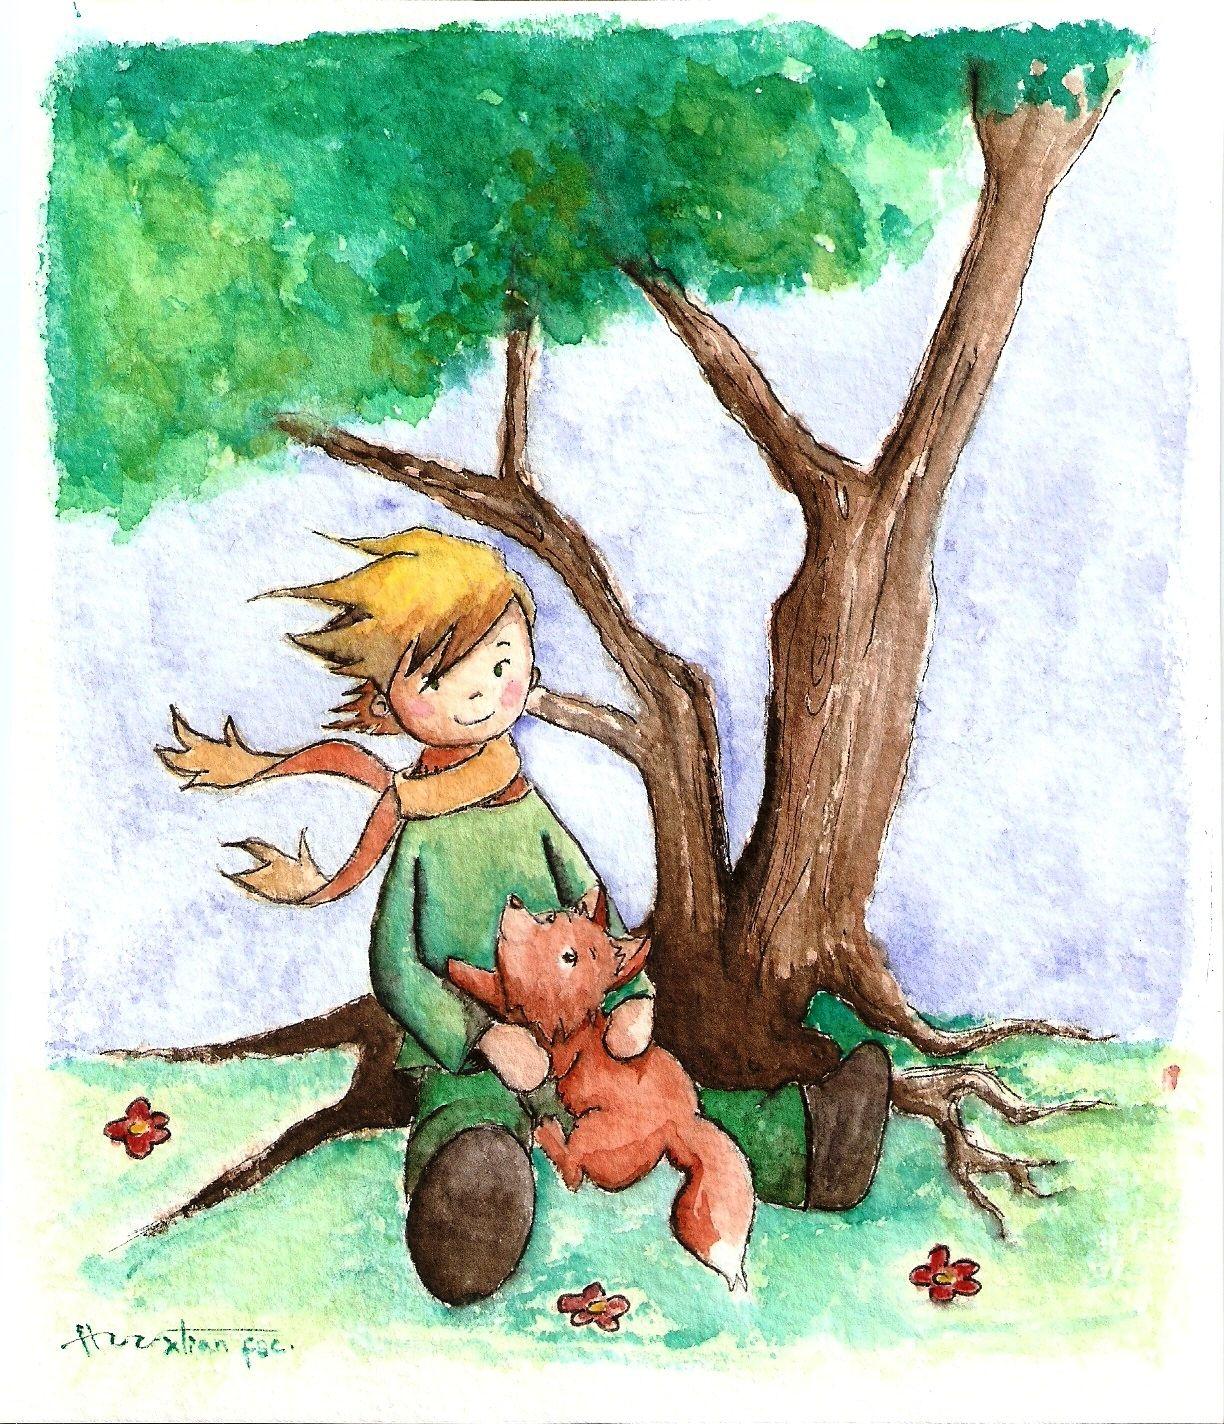 будет домик рисунки маленький принц и лис составленный